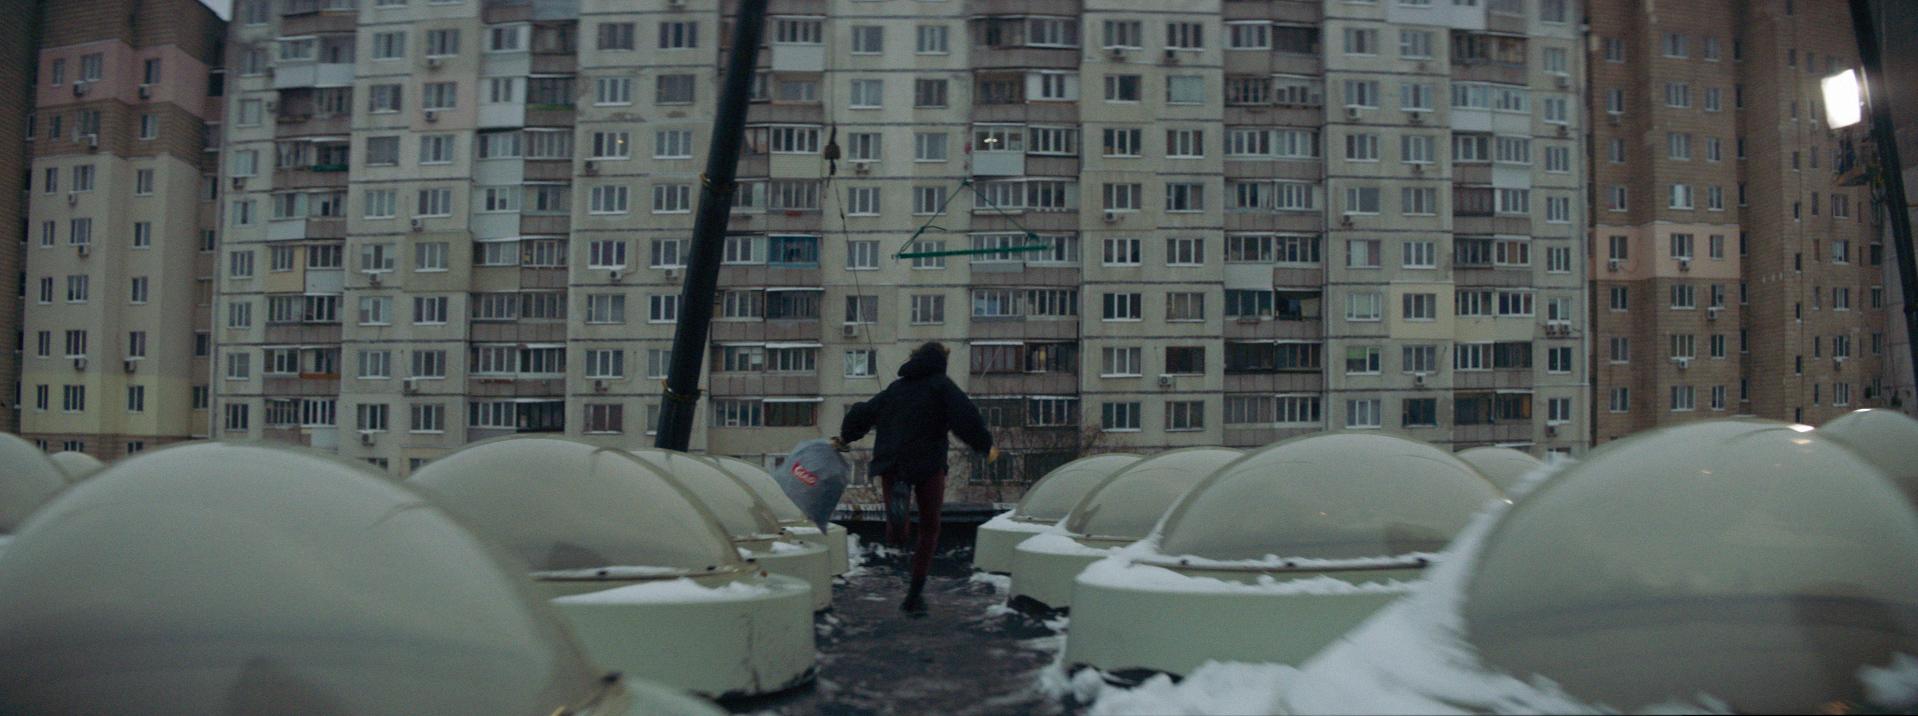 Apartment Leap - v5 - Director's Cut  (LOWER LIGHT).00_01_07_03.Still029.jpg